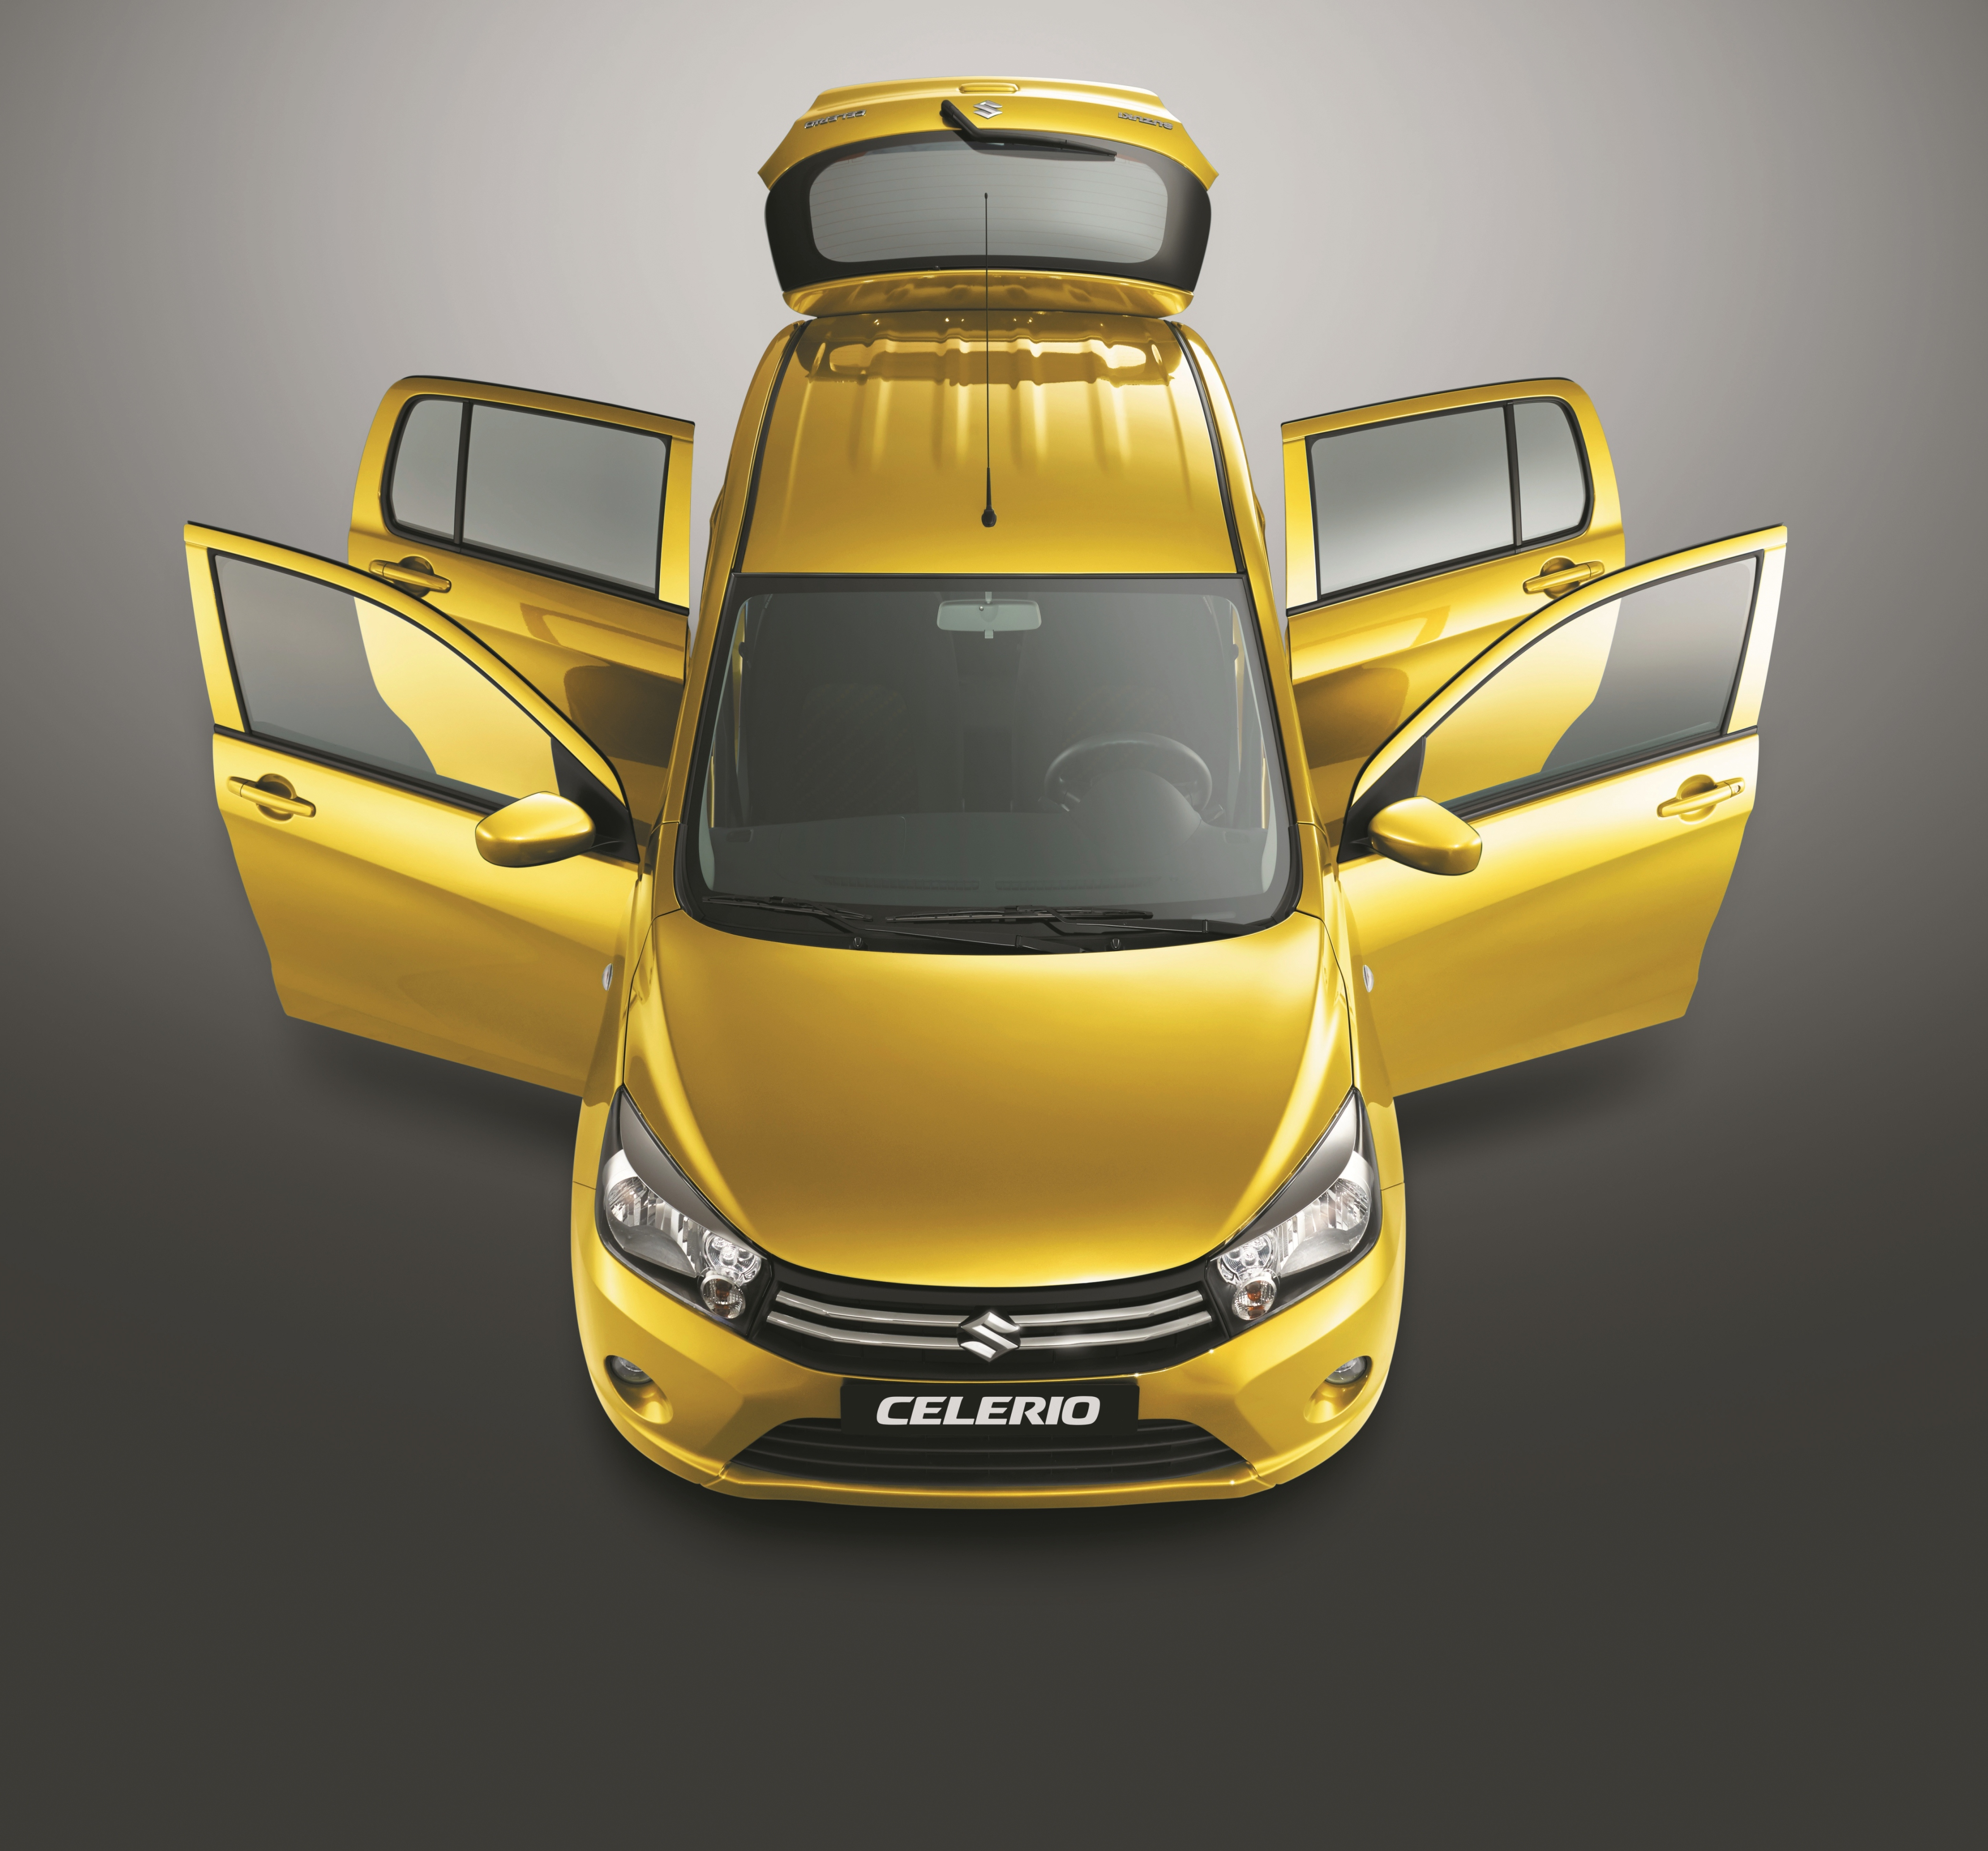 Motorinolimits auto f1 motori turismo stili di vita for 10 piani di garage per auto